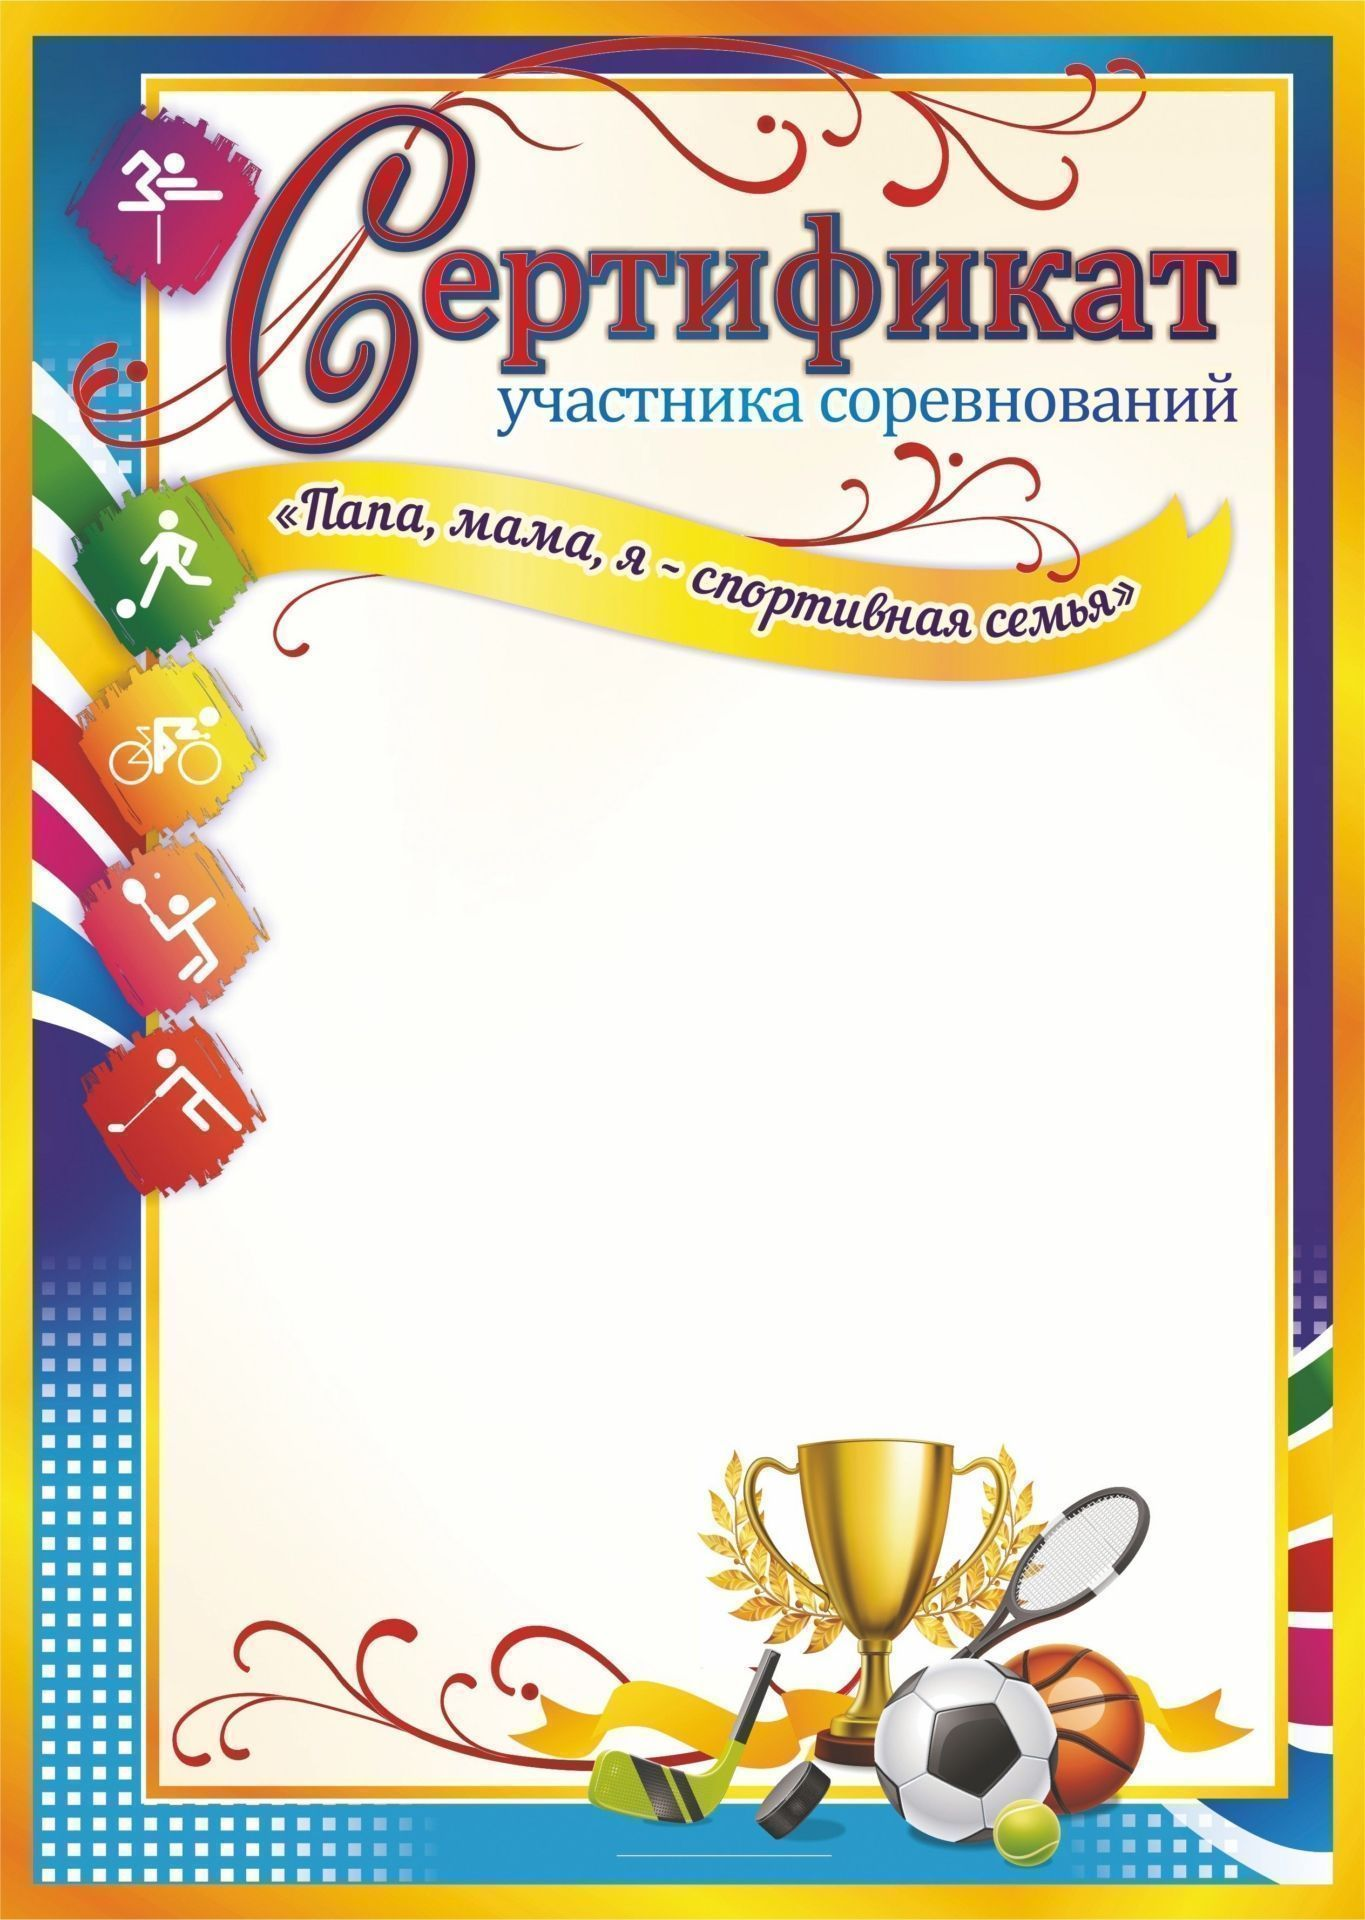 Сертификат участника соревнований \